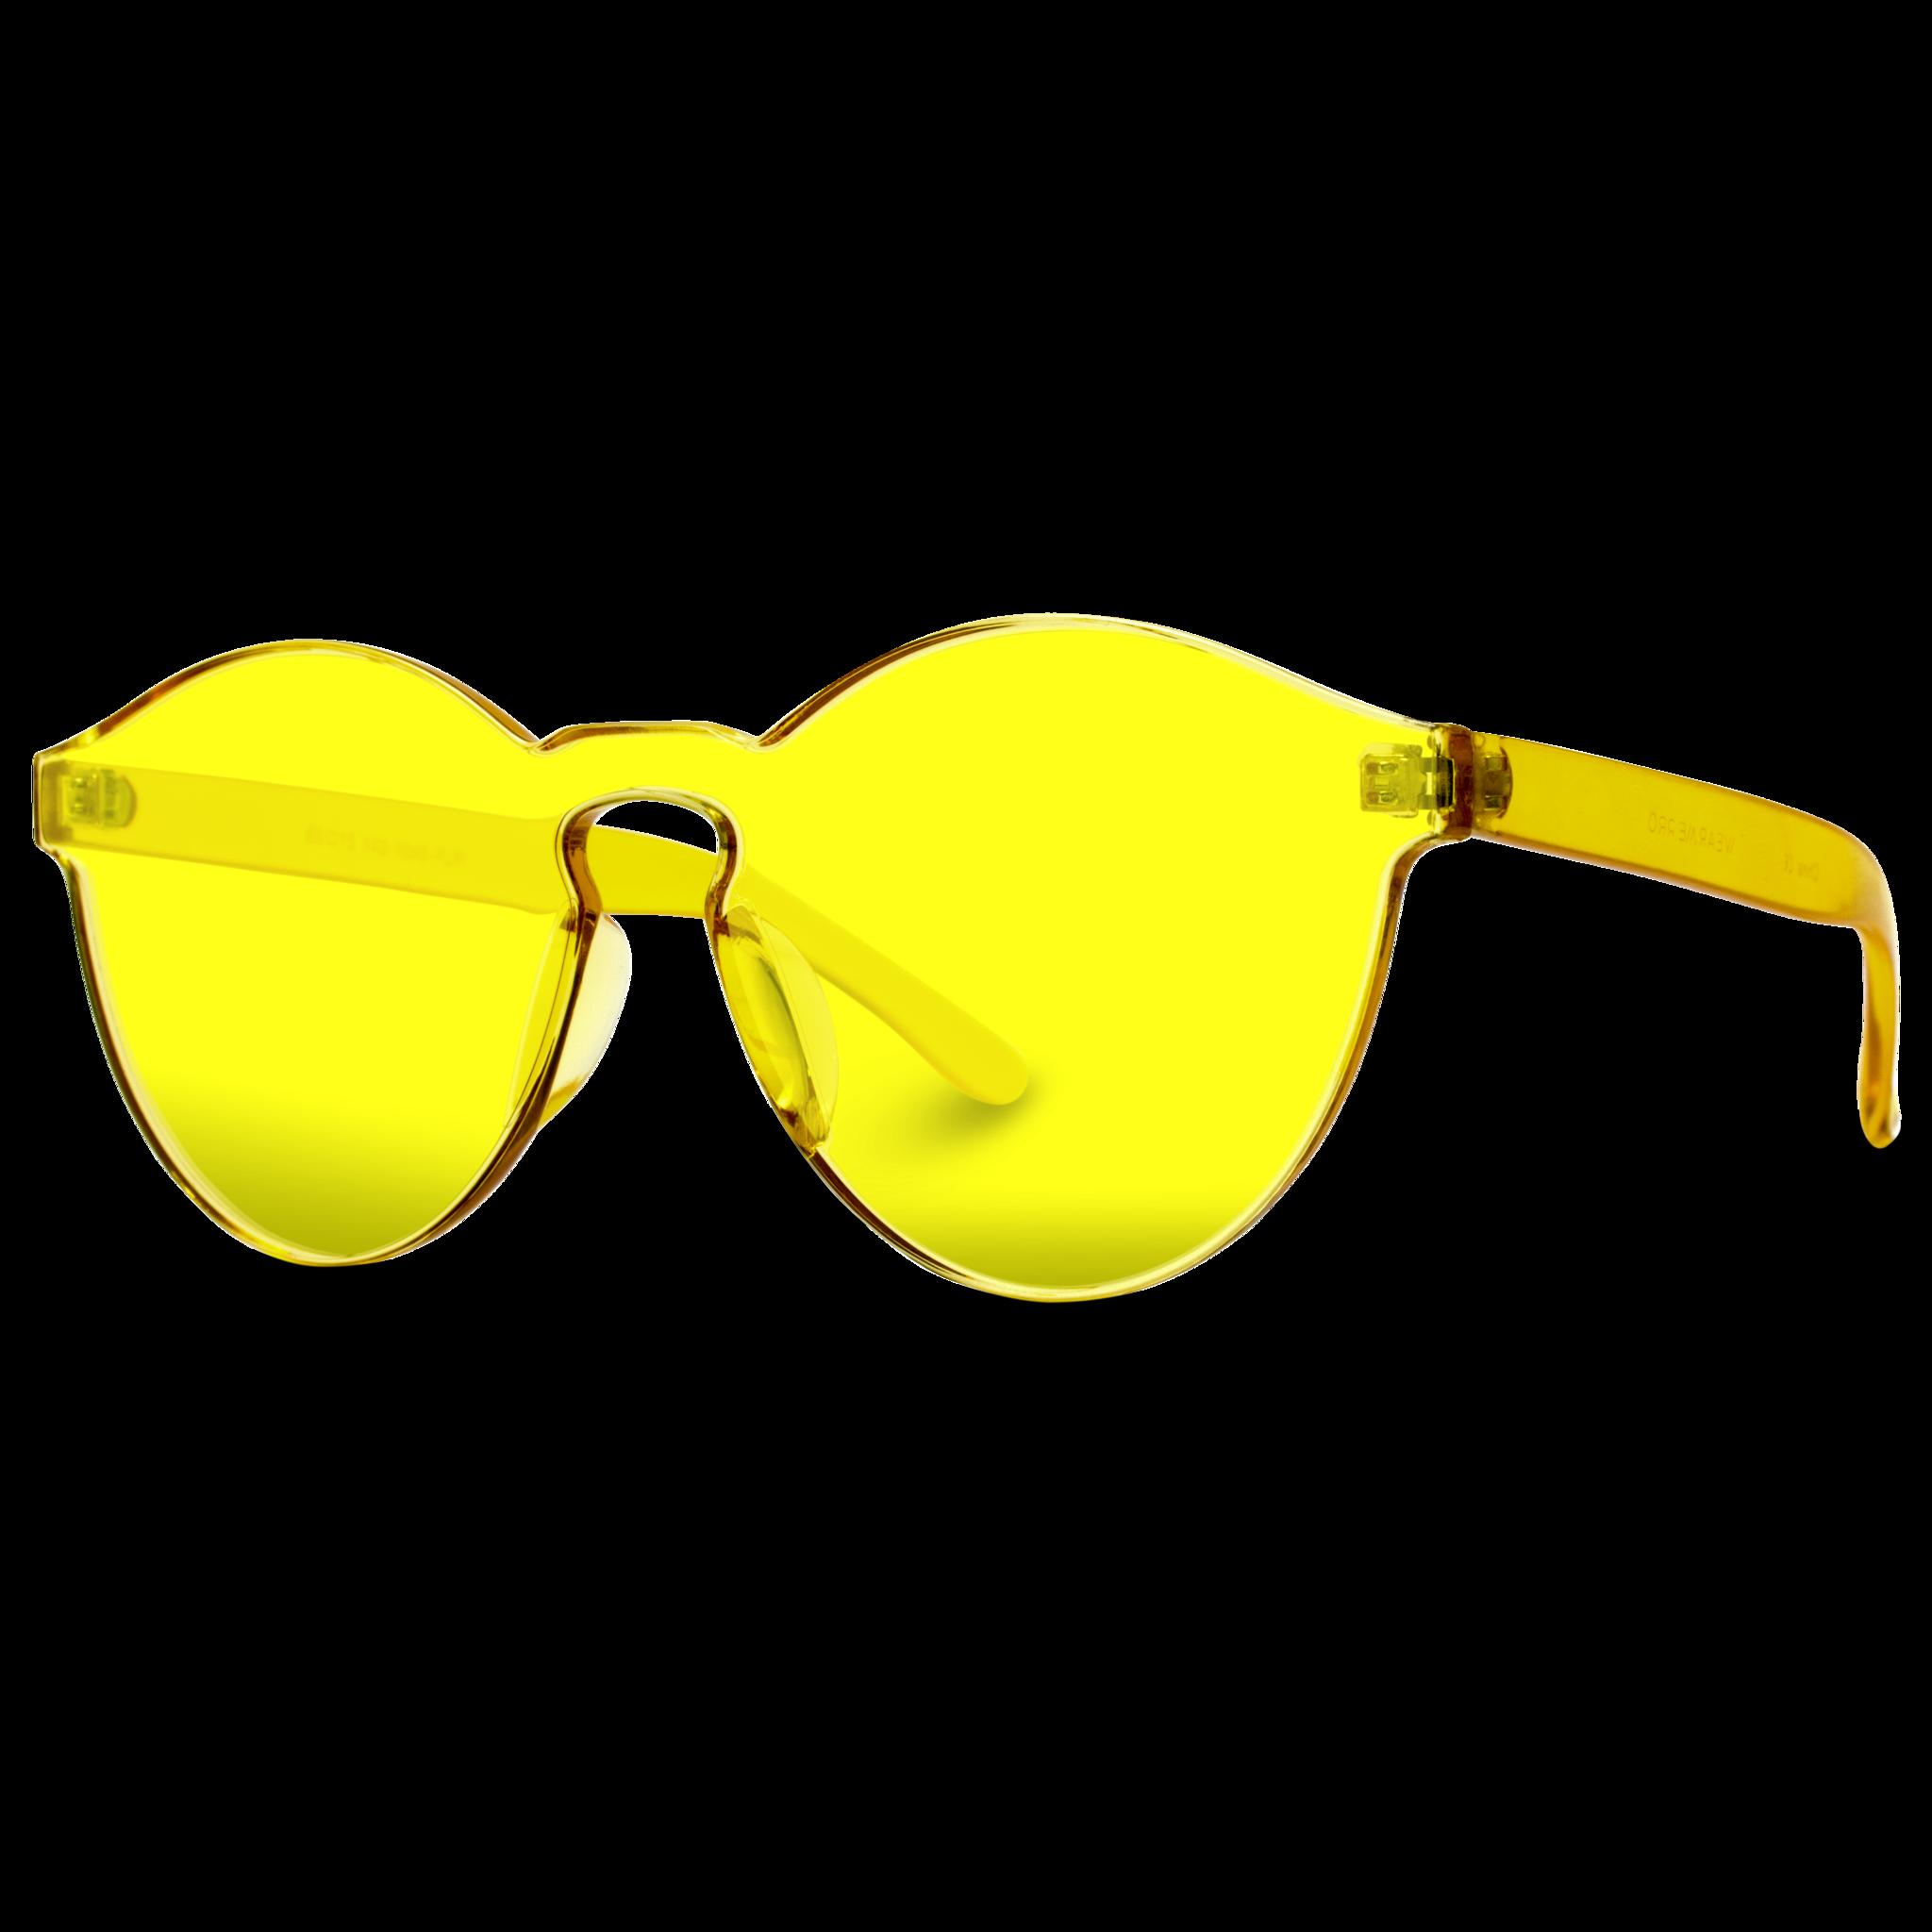 2c832e812f8130 Bailey Colorful Transparent Mono Round Summer Sunglasses in 2019 ...